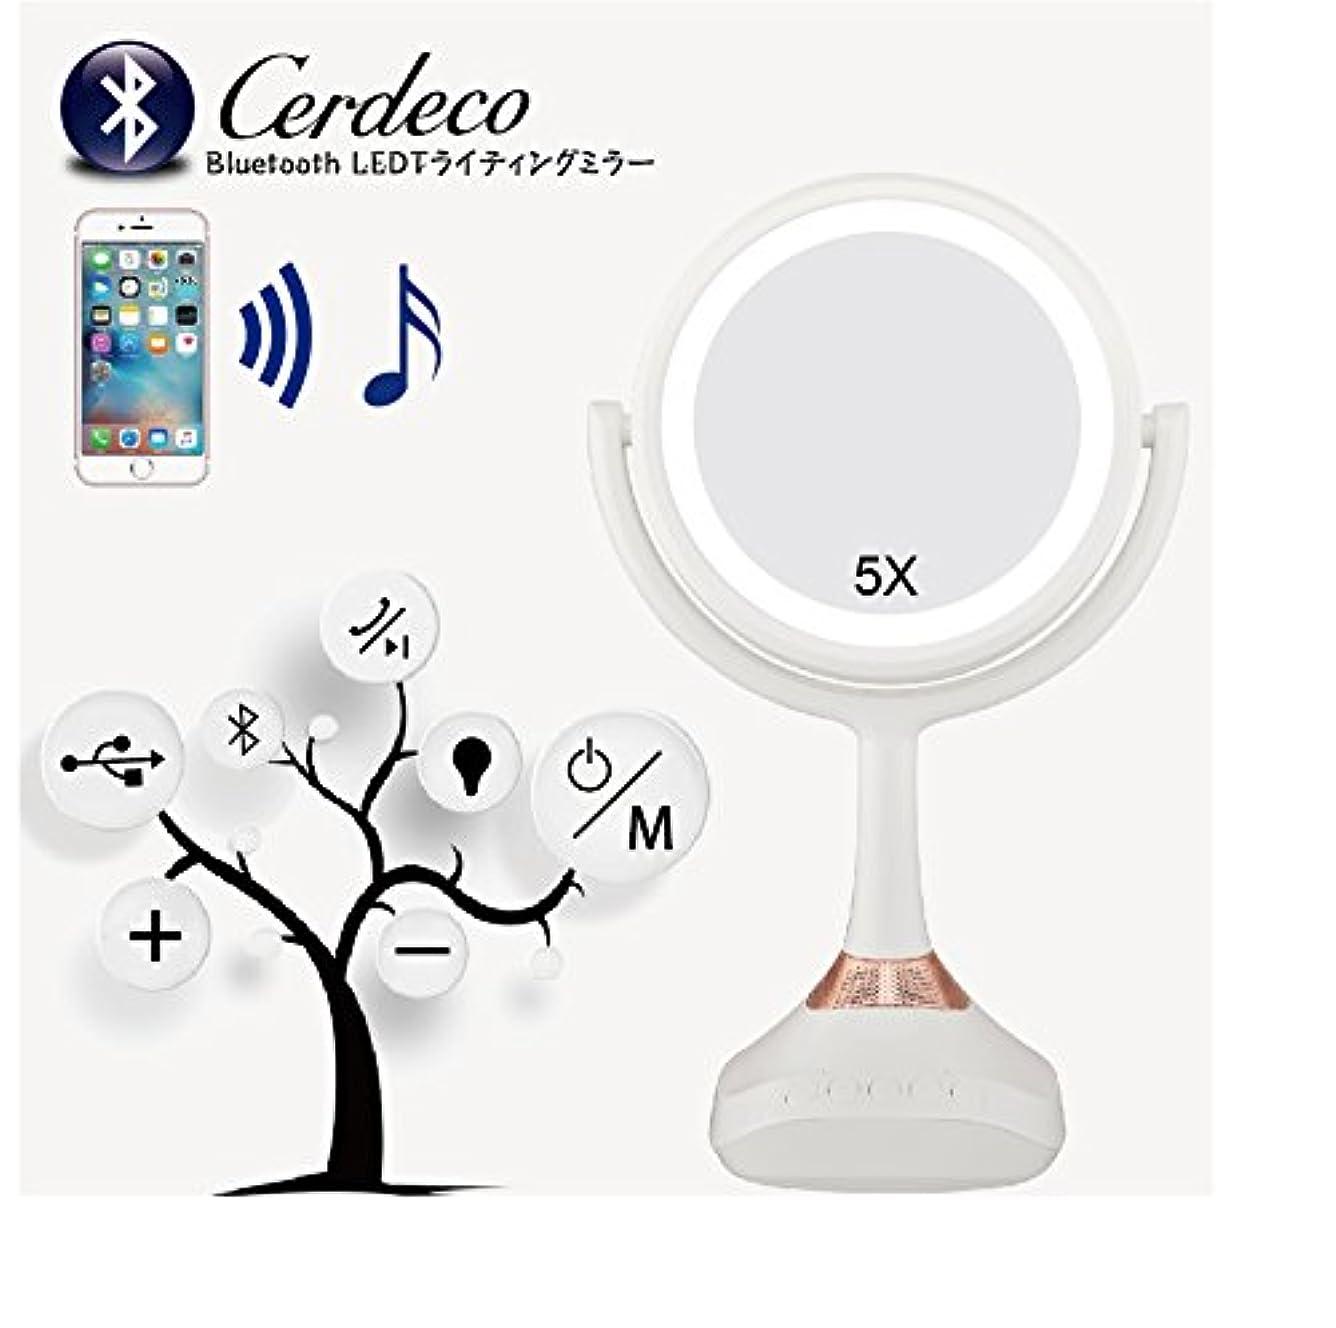 実験的お酢すべき(セーディコ)Cerdeco Bluetoothスピーカー LEDライティングミラー 5倍拡大率 ハンズフリー通話可能 USB給電 真実の両面鏡DX 鏡面φ153mm D638M (ホワイト?Bluetooth卓上鏡)